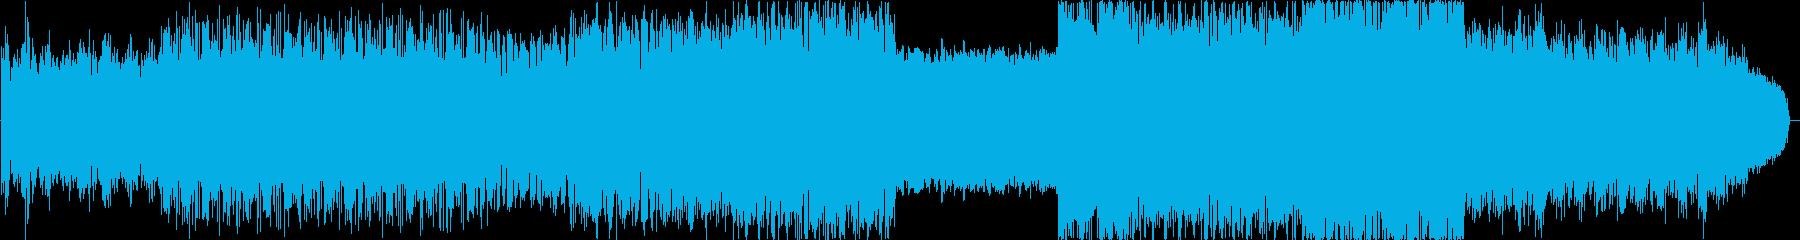 ヘビーメタル風ハードダンステクノの再生済みの波形